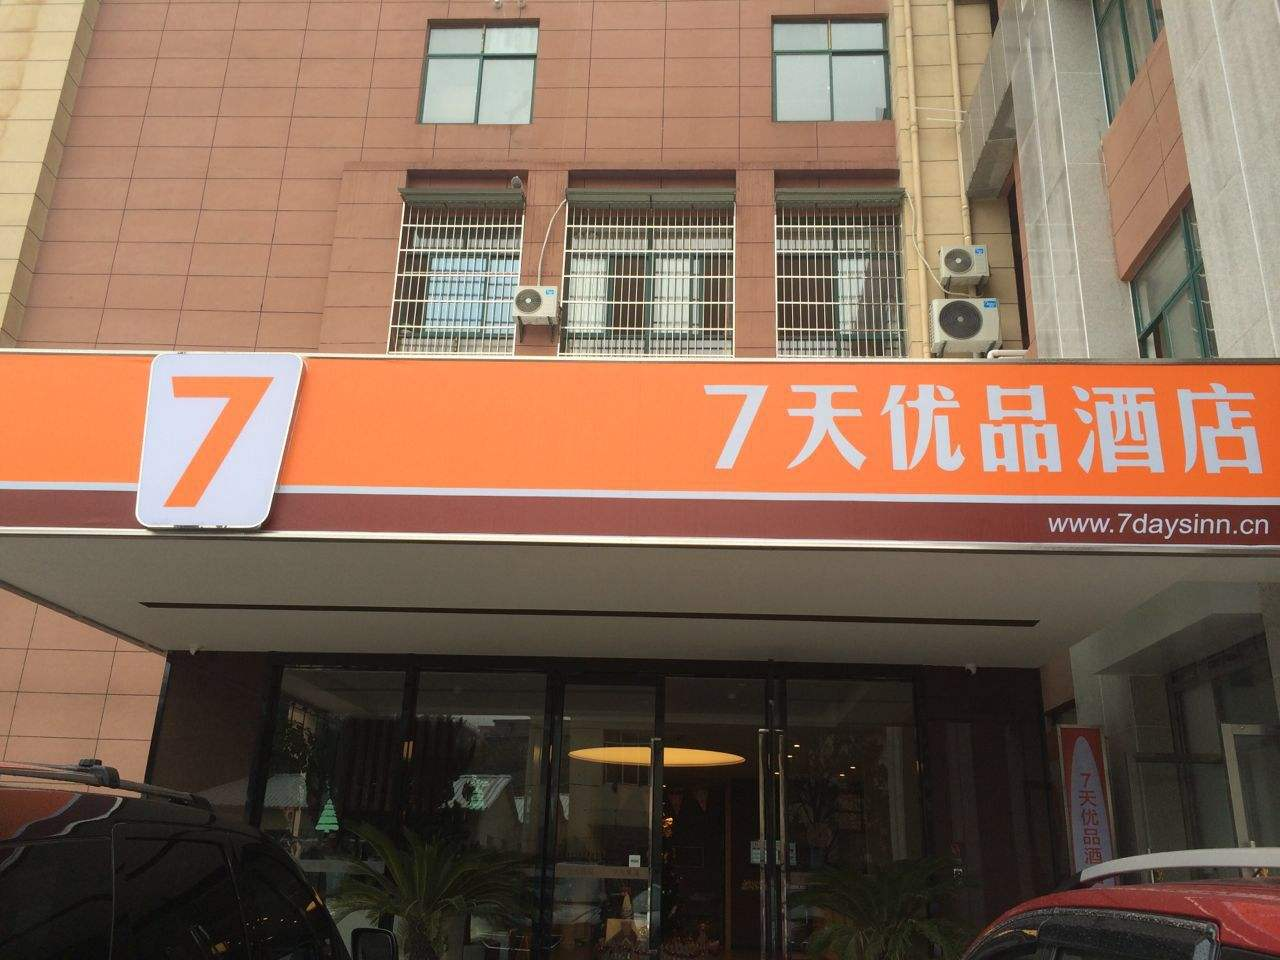 【佛山】七天优品酒店